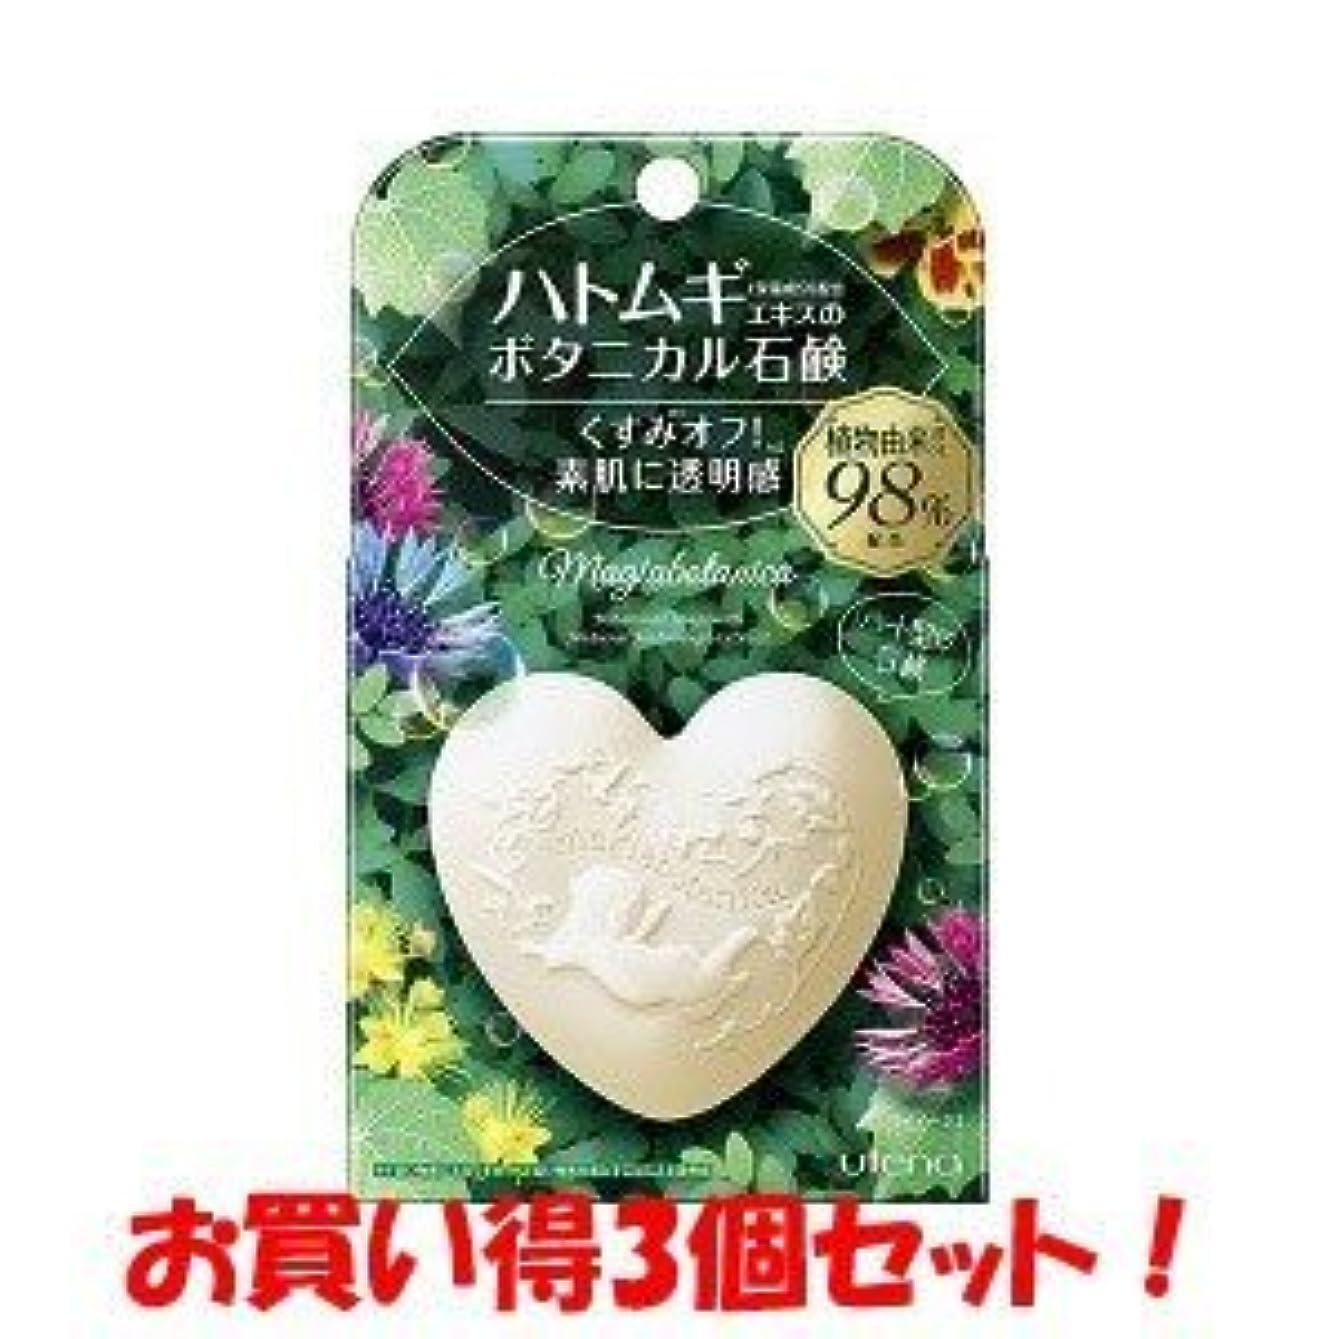 こっそり修理可能ブランチ(ウテナ)マジアボタニカ ボタニカル石鹸 100g(お買い得3個セット)